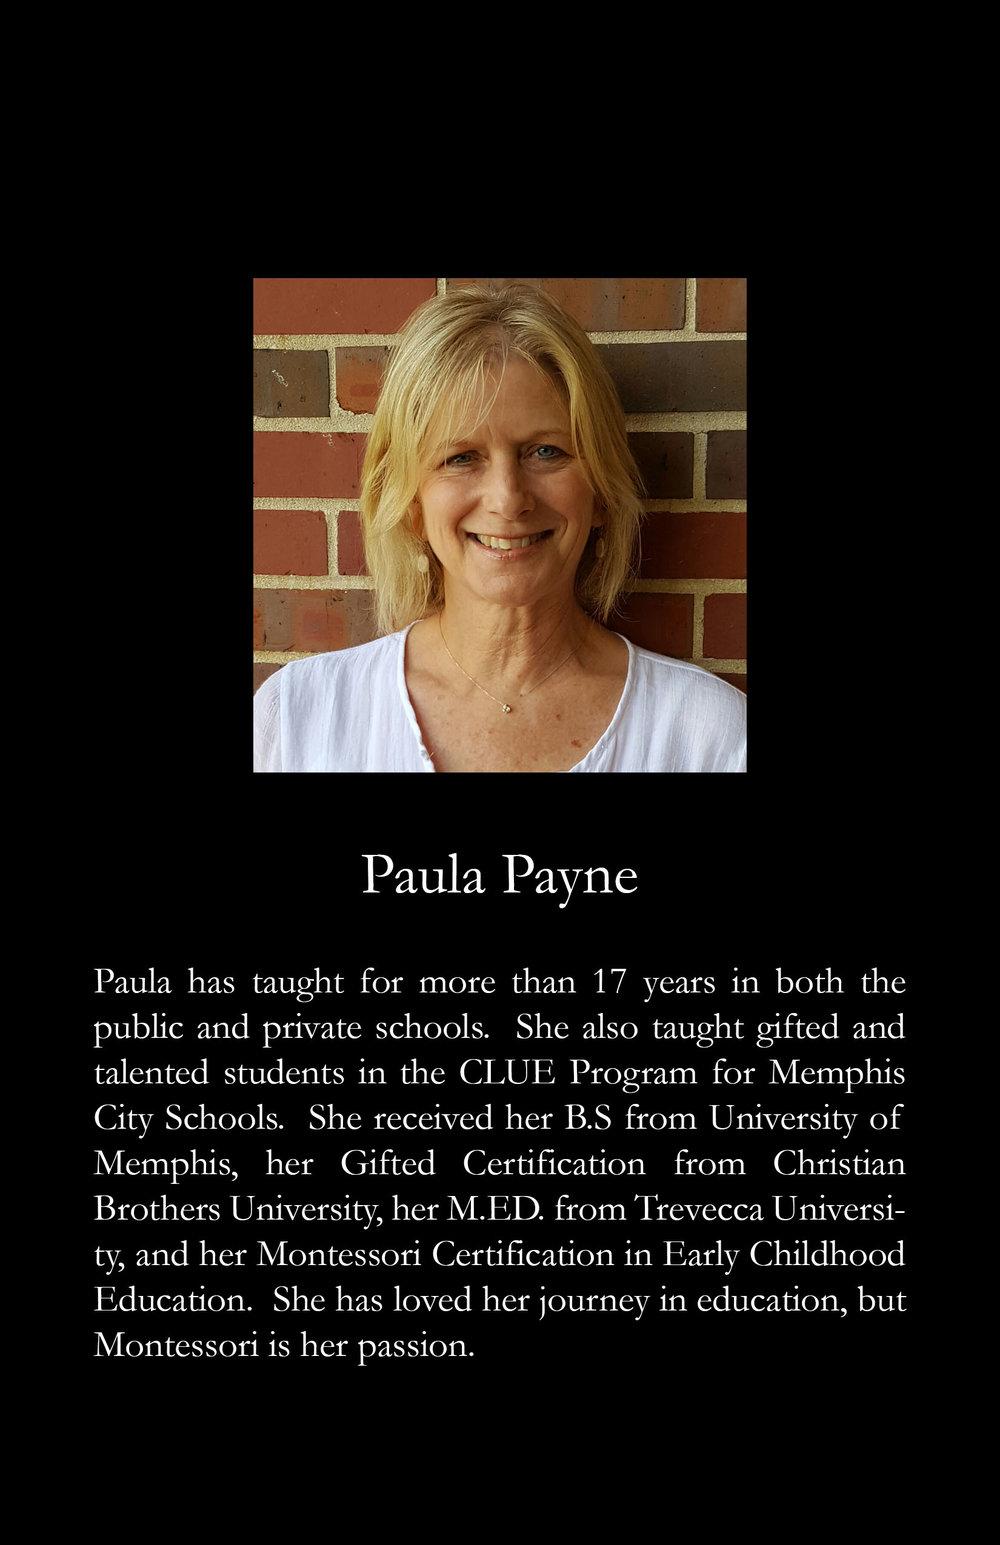 Paula Payne.jpg